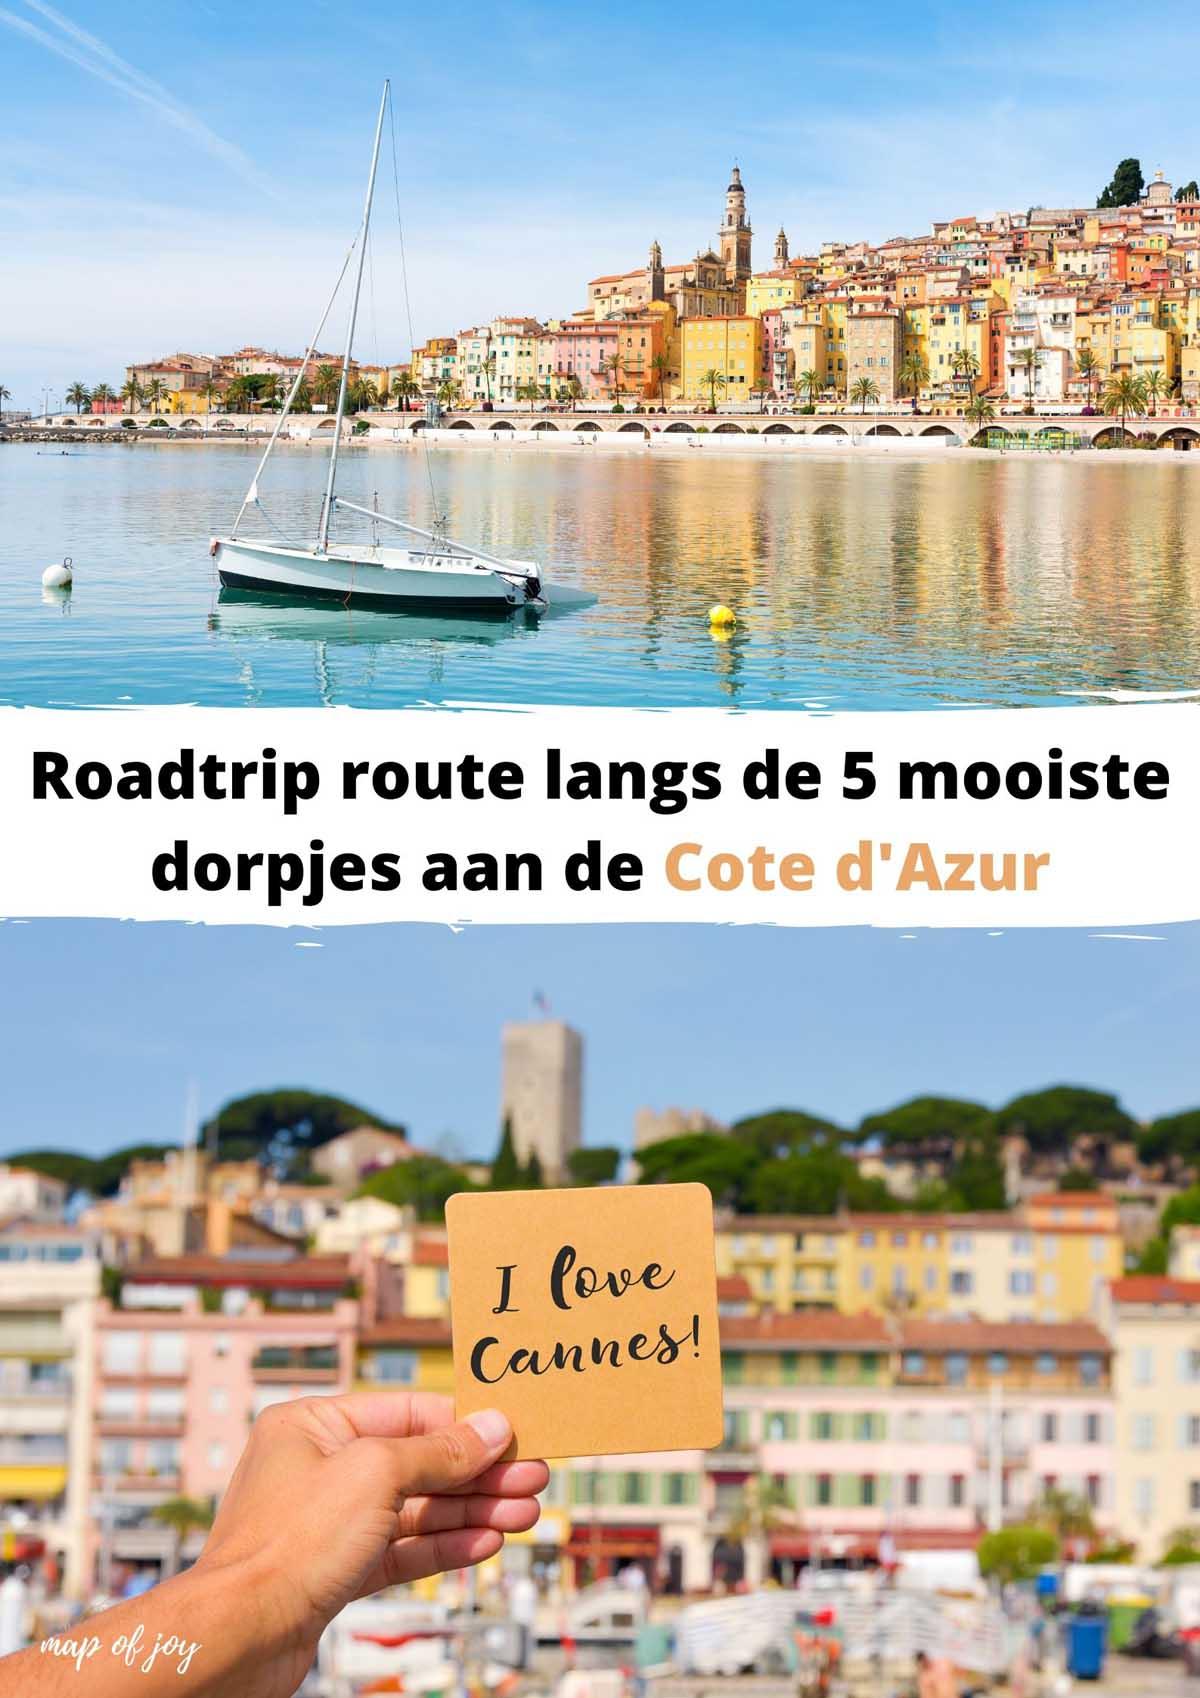 Roadtrip route langs de 5 mooiste dorpjes aan de Cote d'Azur